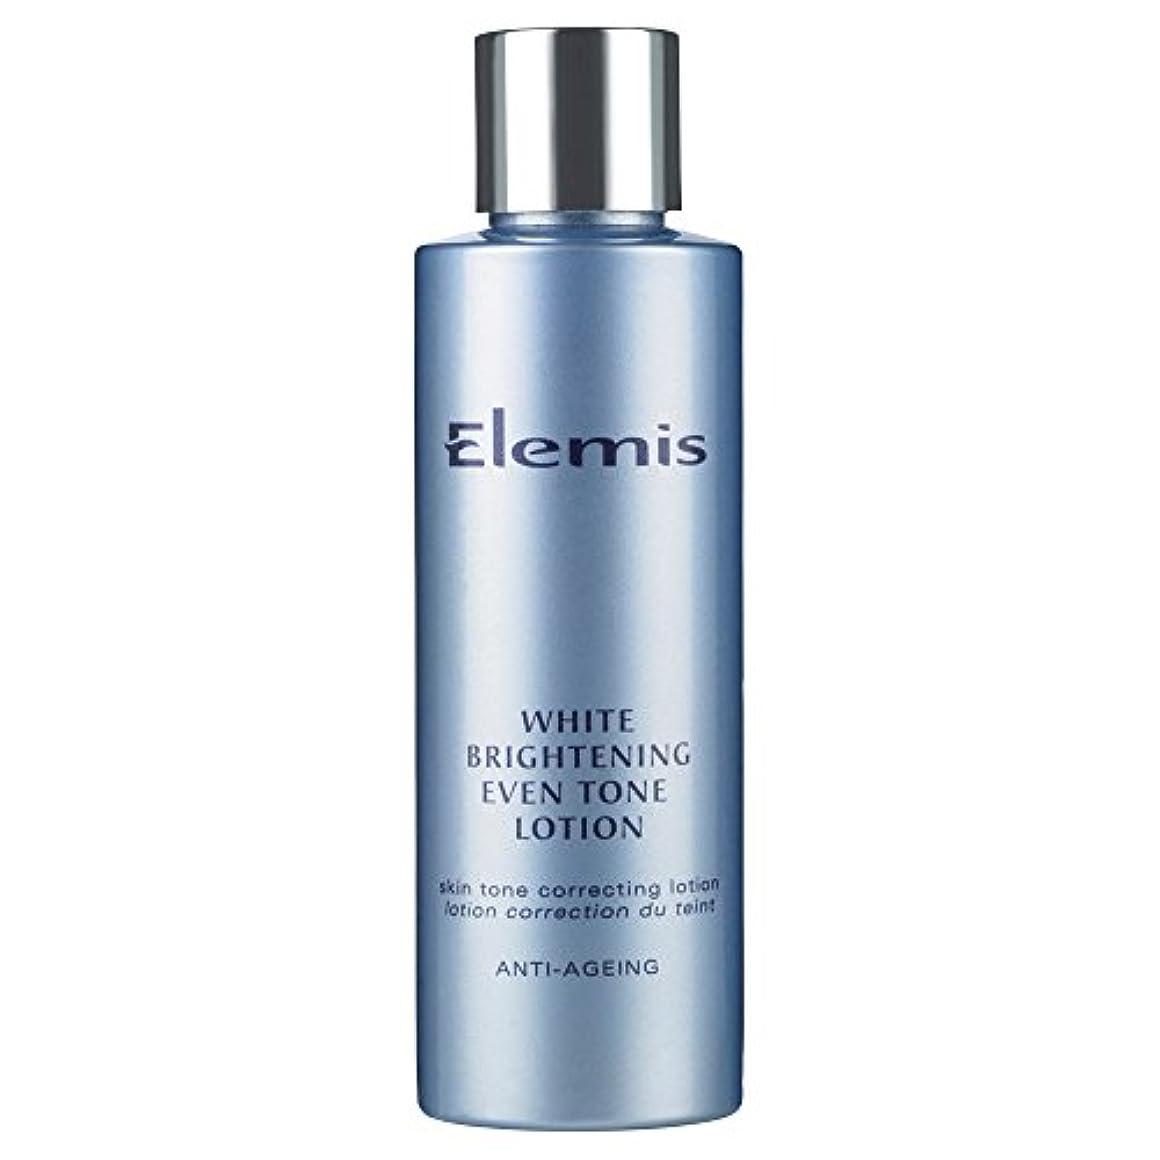 ノイズスクラップパキスタンエレミス白い光沢さえトーンローション150ミリリットル (Elemis) - Elemis White Brightening Even Tone Lotion 150ml [並行輸入品]